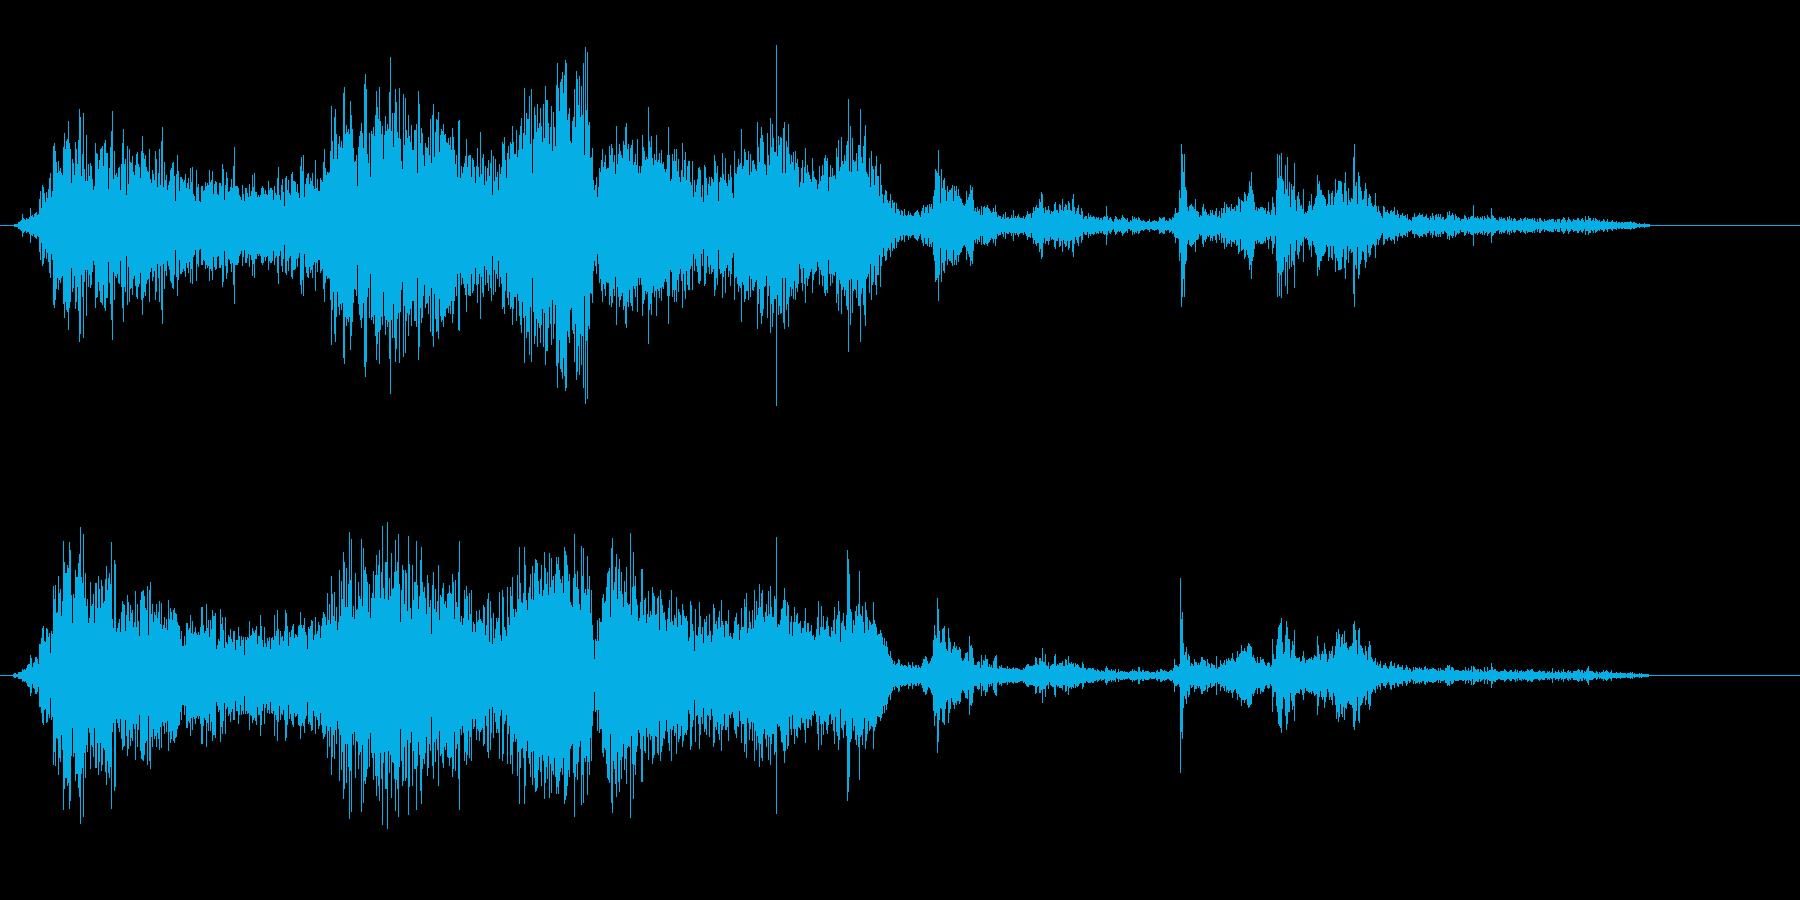 薄い紙をめくる摩擦音の再生済みの波形